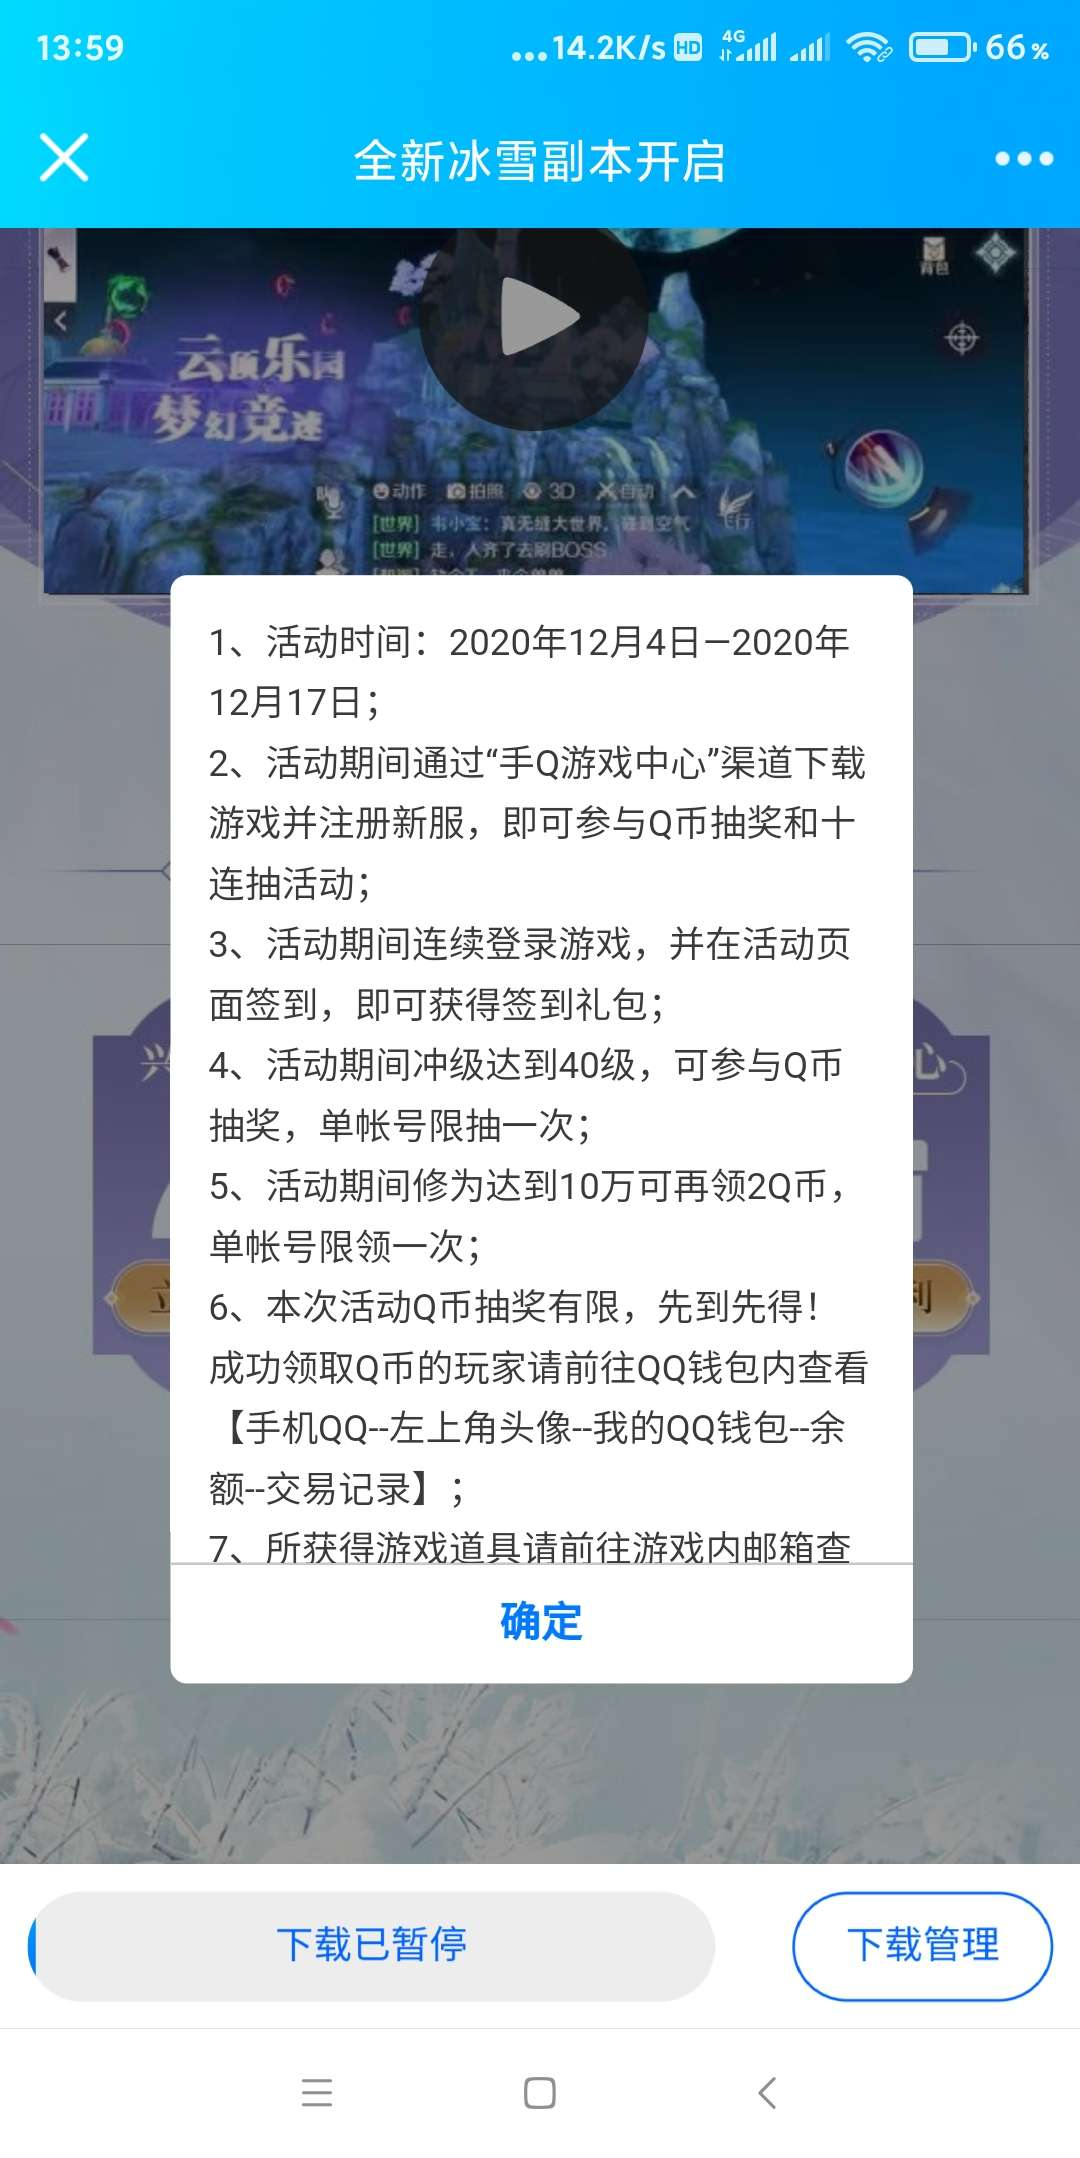 【虚拟物品】完美世界新老用户注册2Q币-聚合资源网